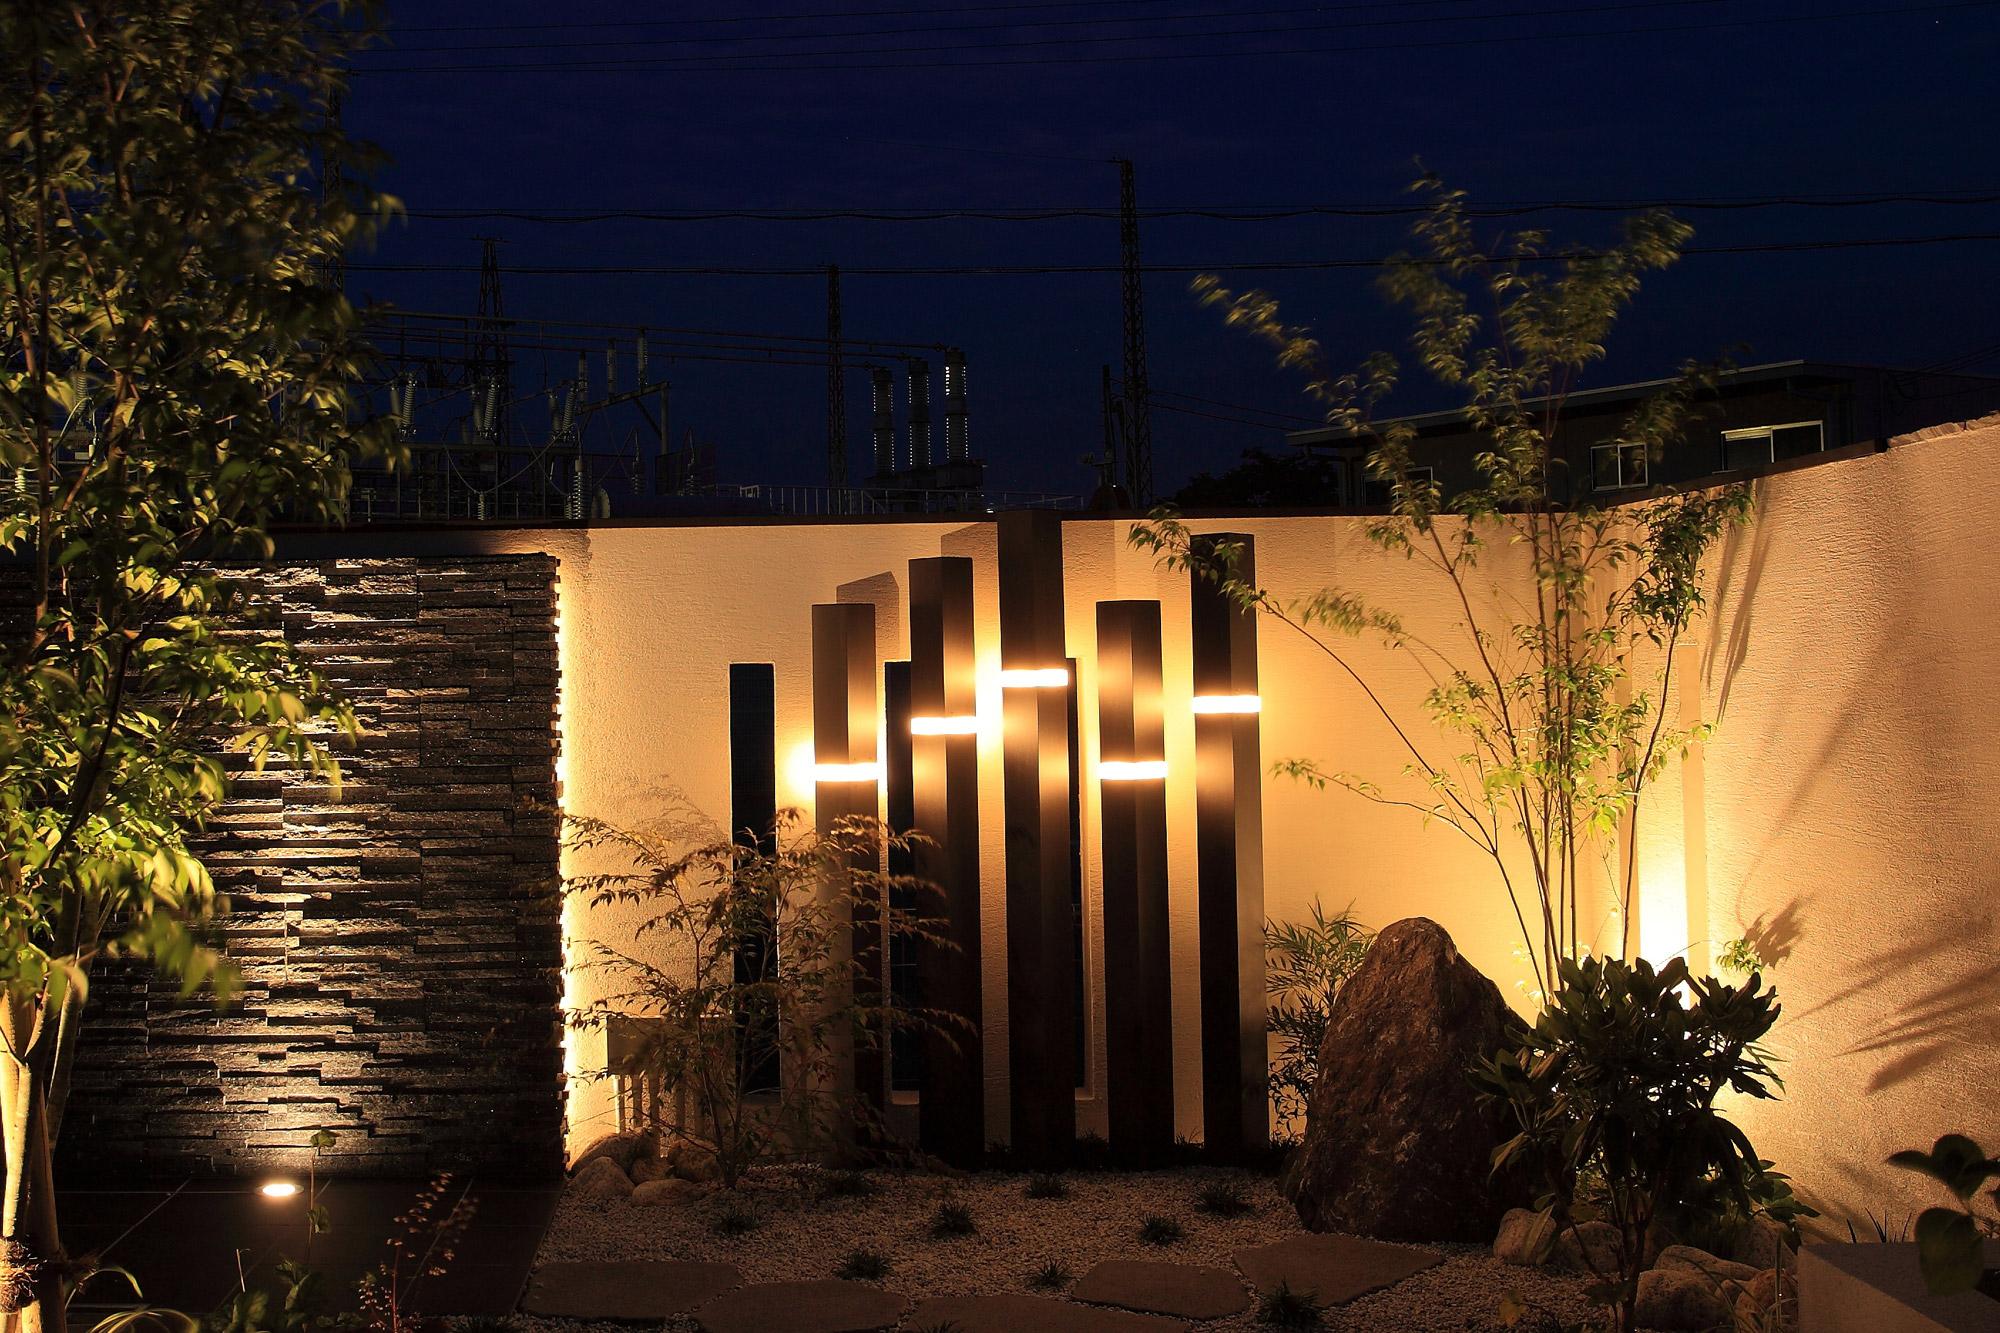 スリットライトを建材に組込んで壁を照らしている写真